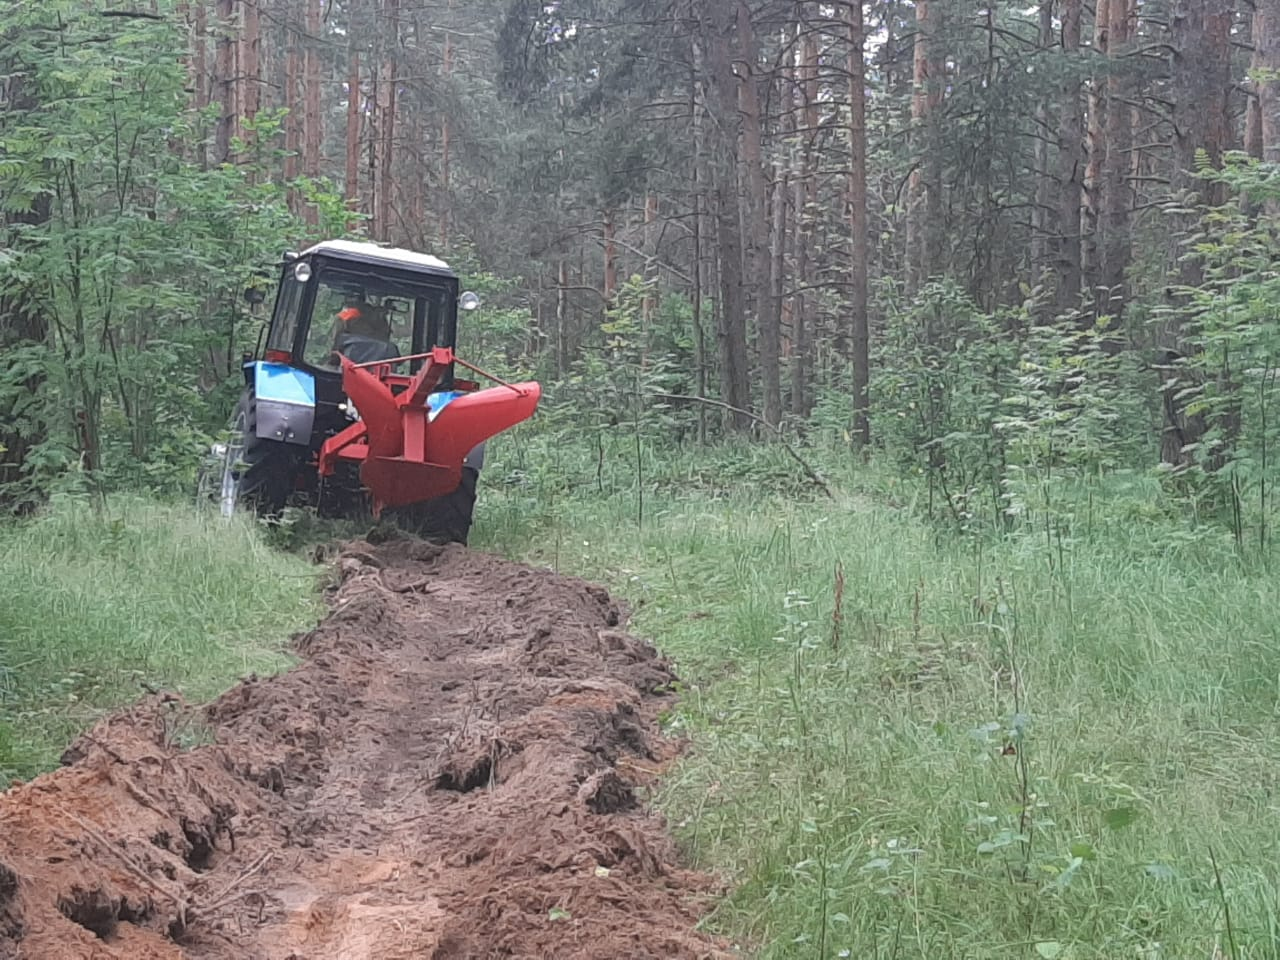 Более 400 километров минерализованных полос создали в регионе для защиты лесов от пожаров